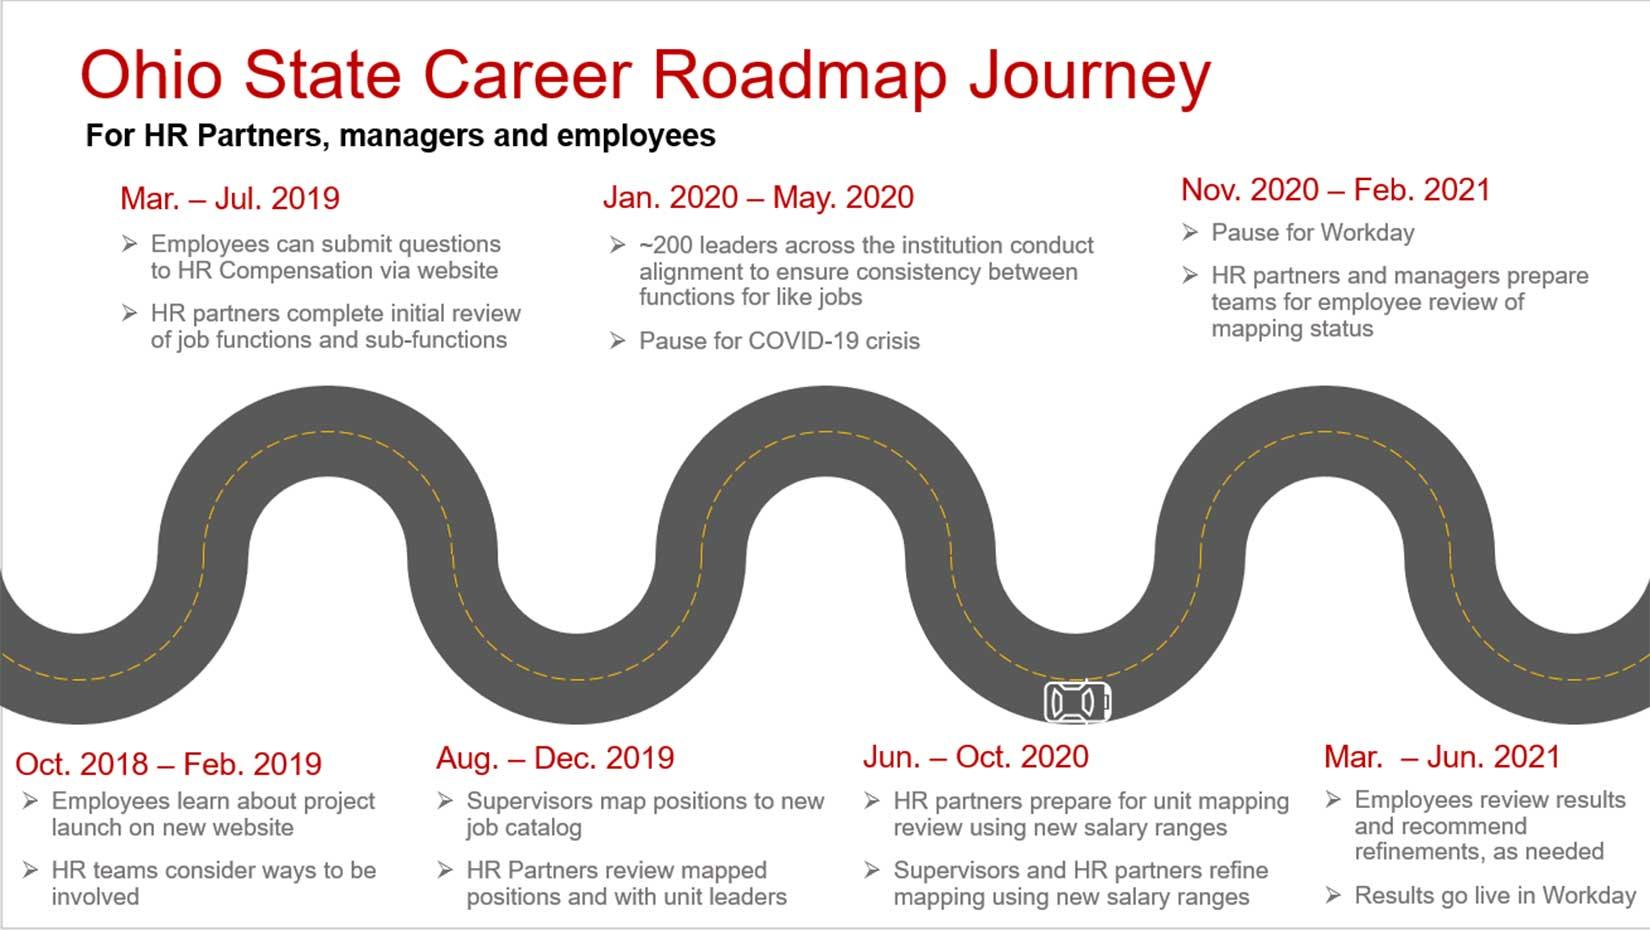 Career Roadmap Journey diagram - see outline below